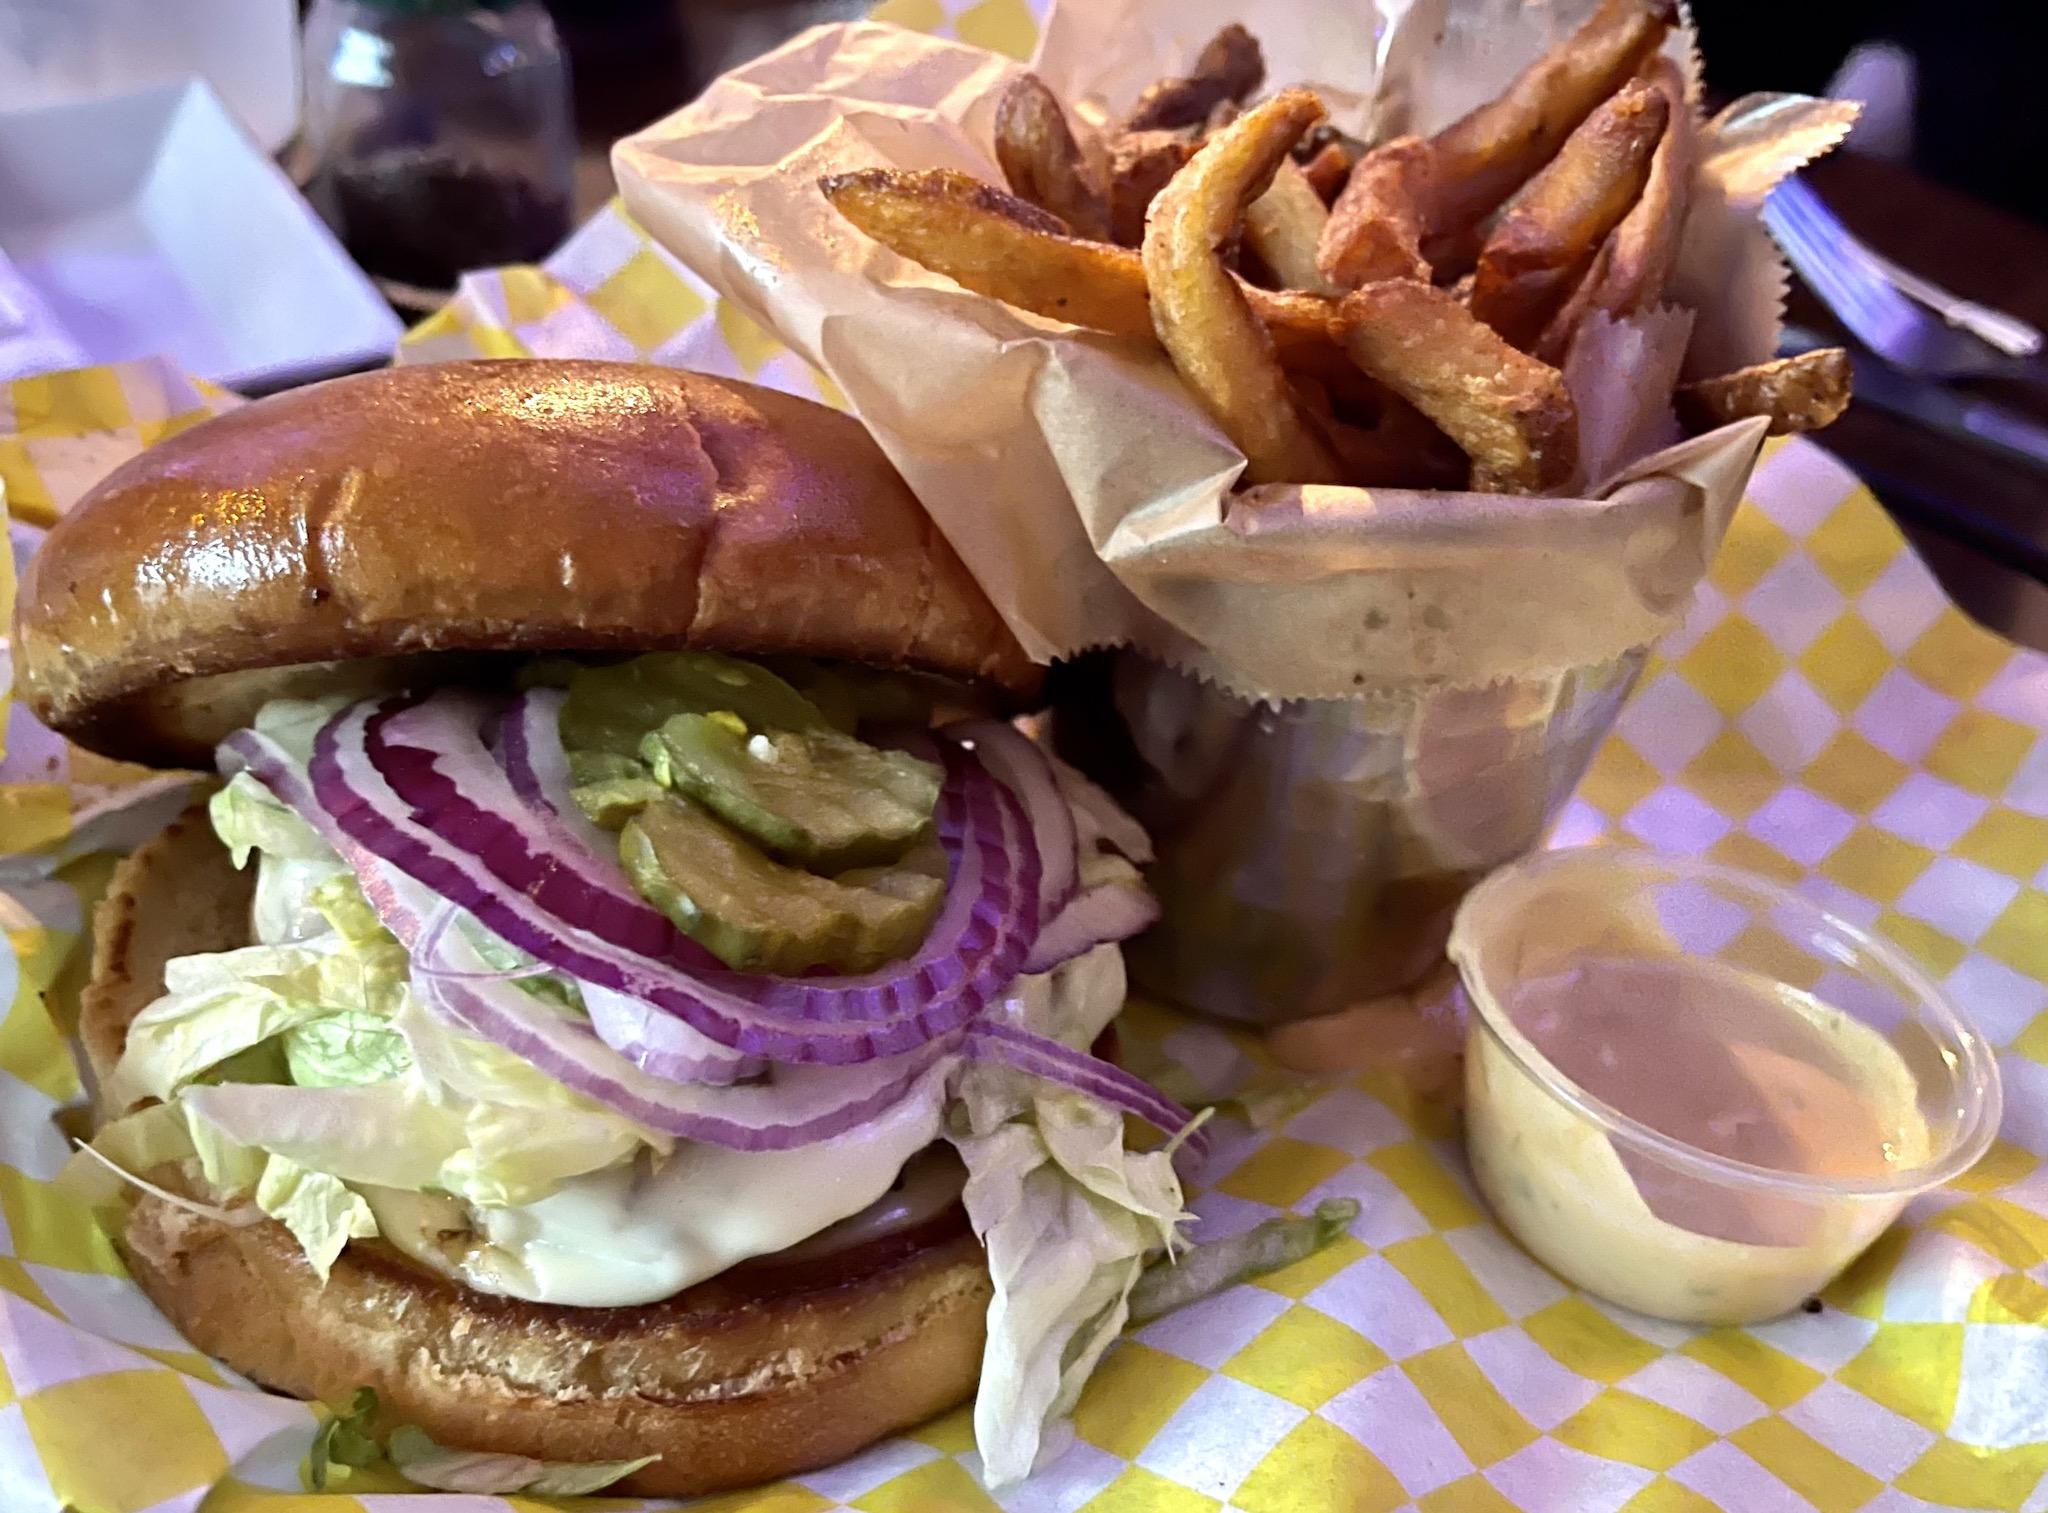 Shrimpys Cheeseburger